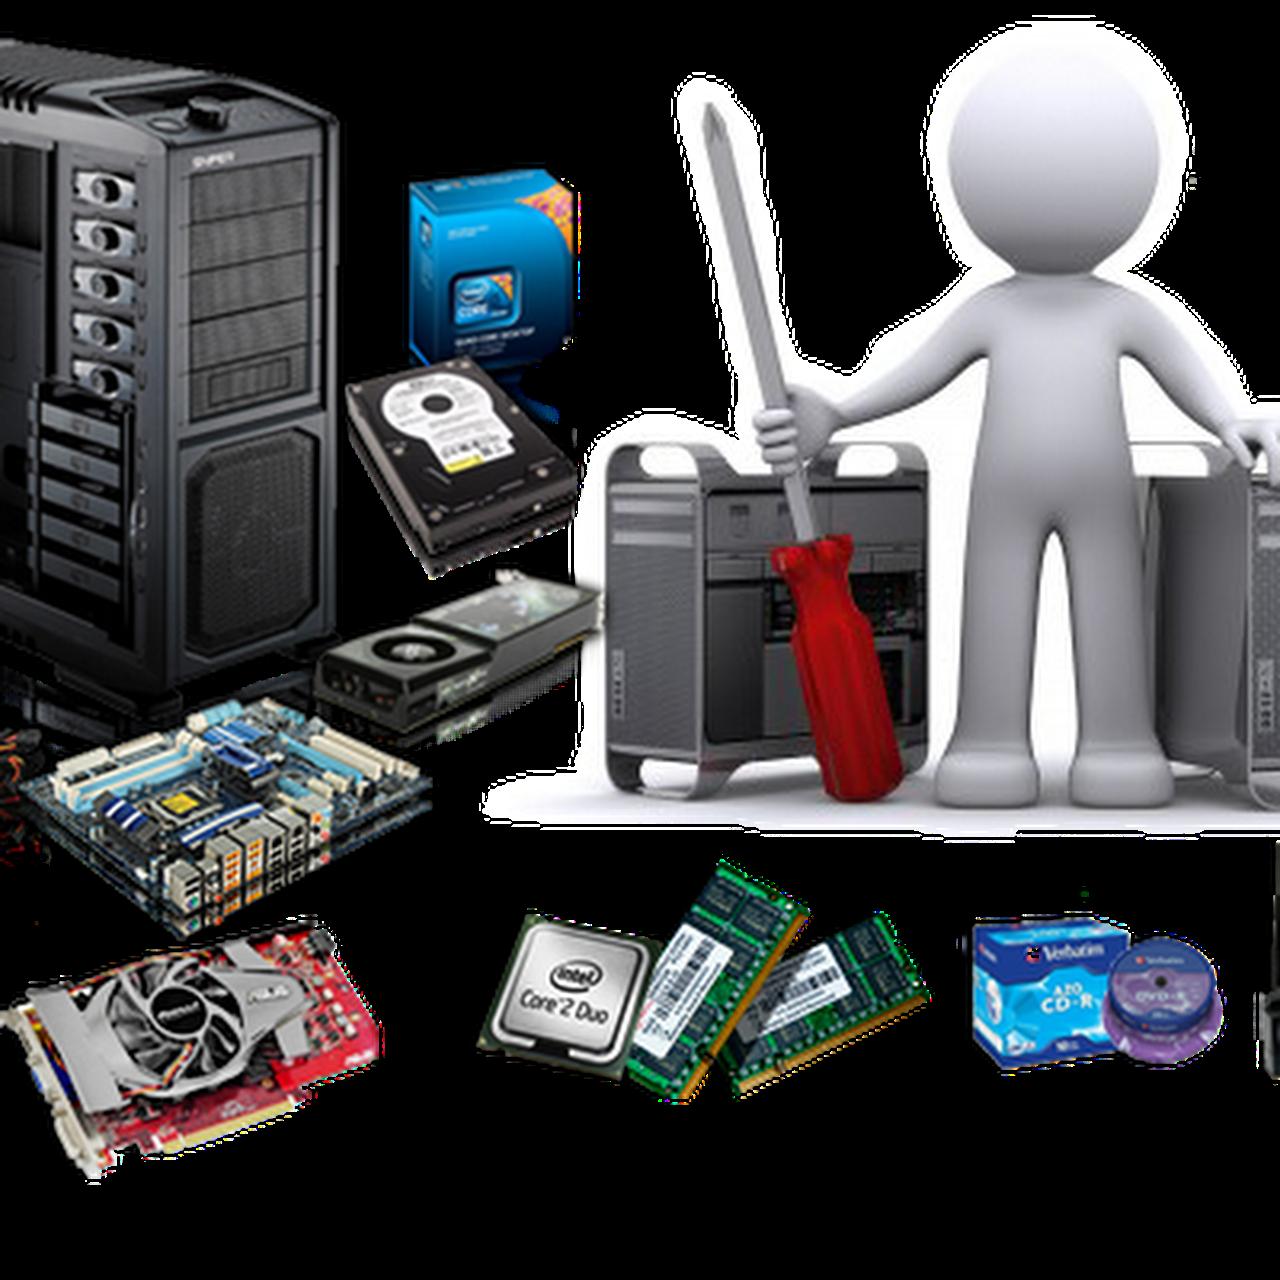 Dépannage informatique à domicile - Réparation PC et Mac  APC 10